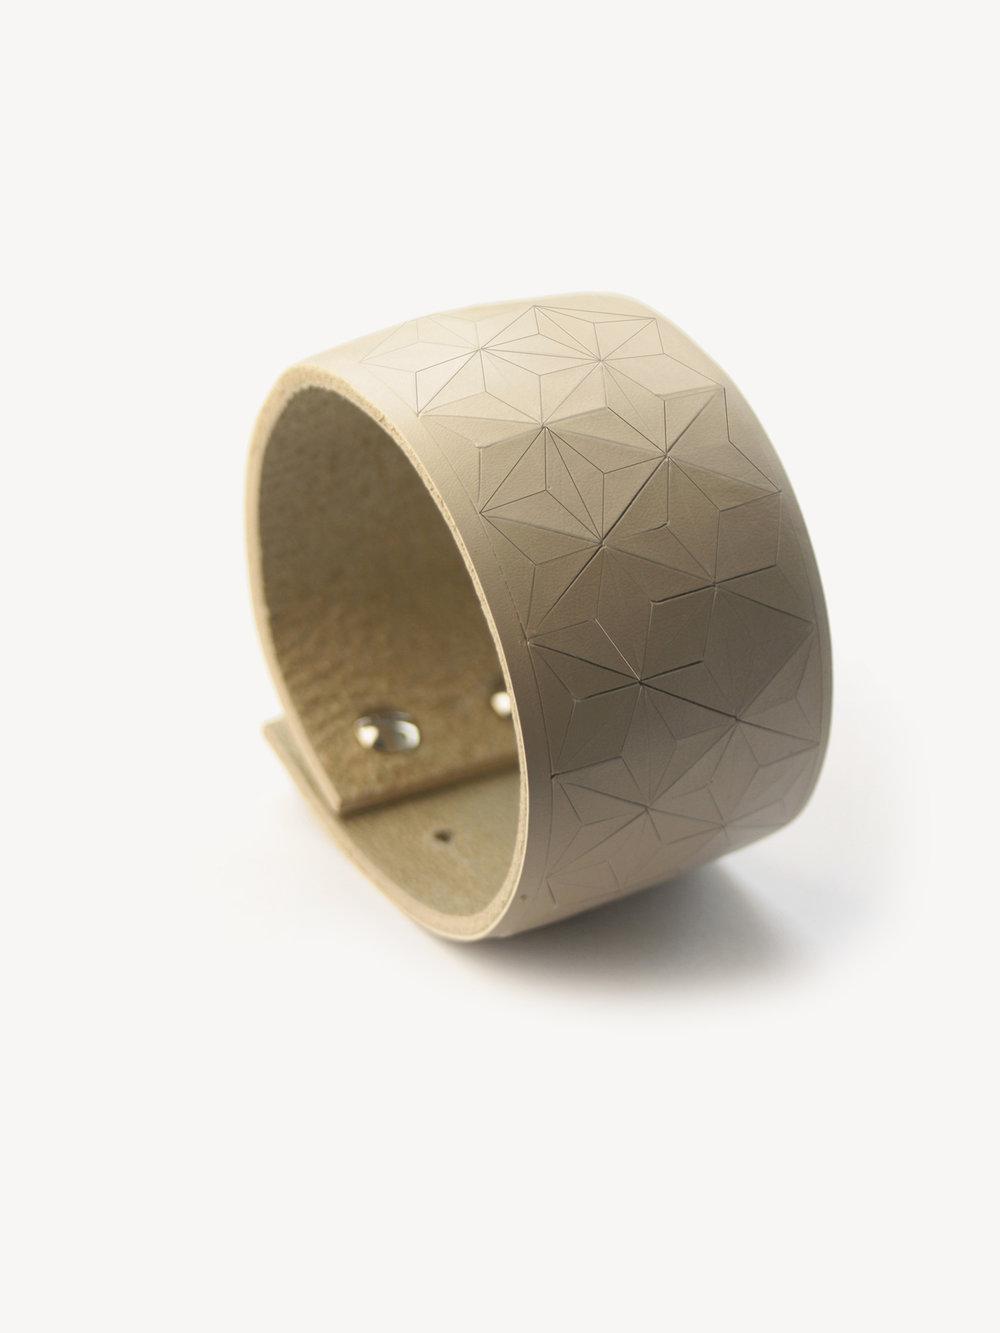 Leder-Armband, schmal in puder/ Leather bracelet, big in nude